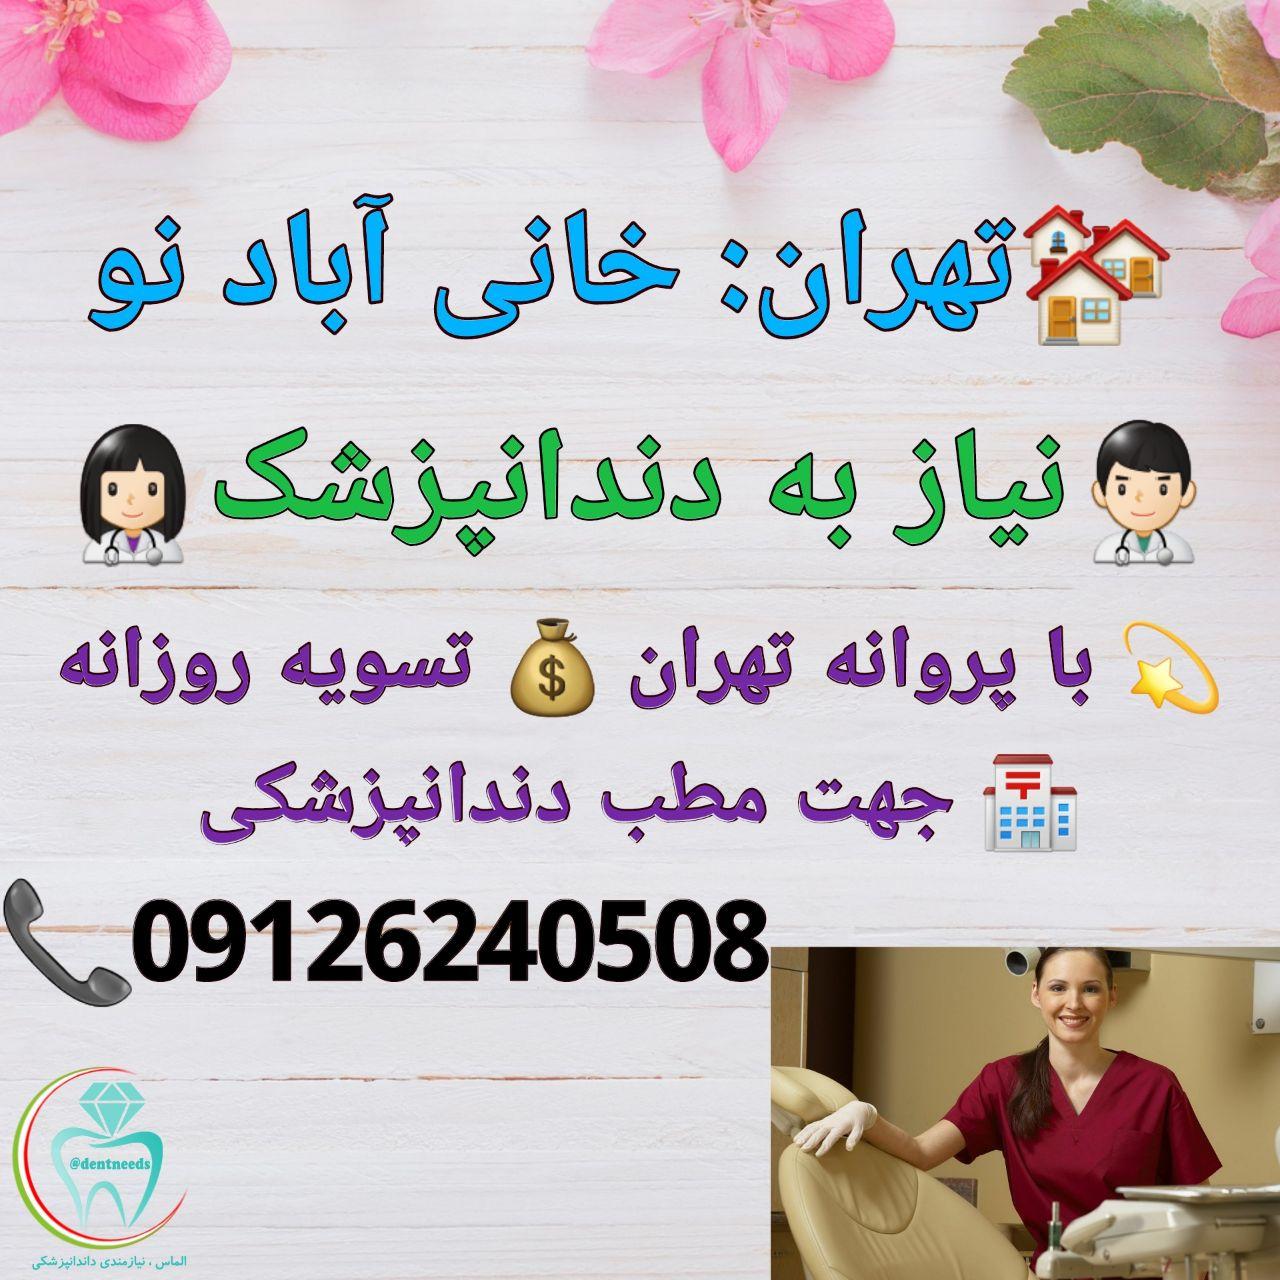 تهران: خانی آباد نو، نیاز به دندانپزشک